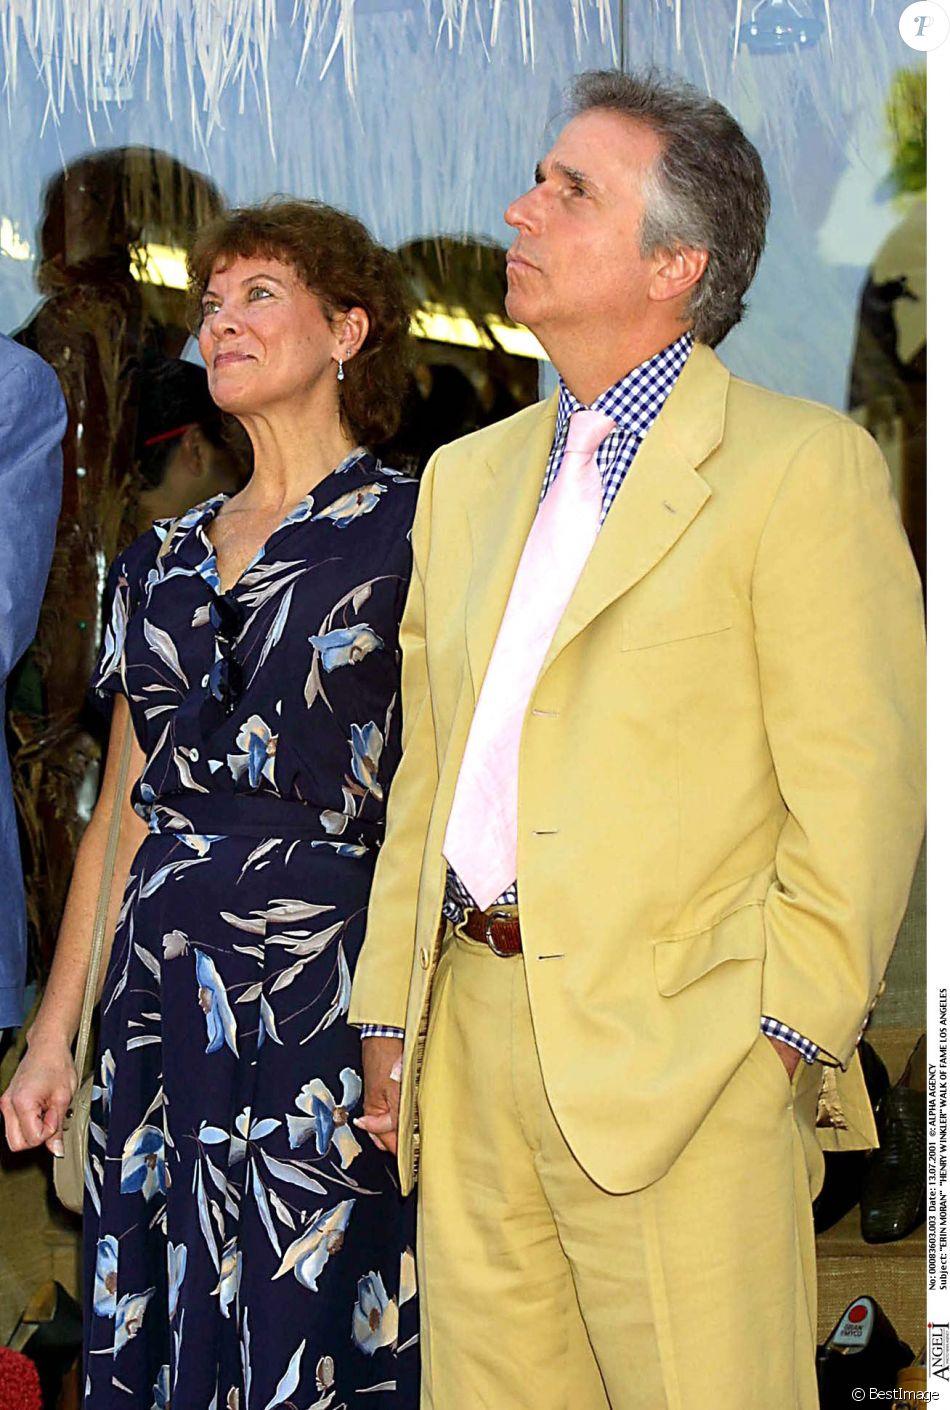 Henry winkler divorced - Erin Moran Et Henry Winkler Sur Le Walk Of Fame Los Angeles Le 13 Juillet 2001